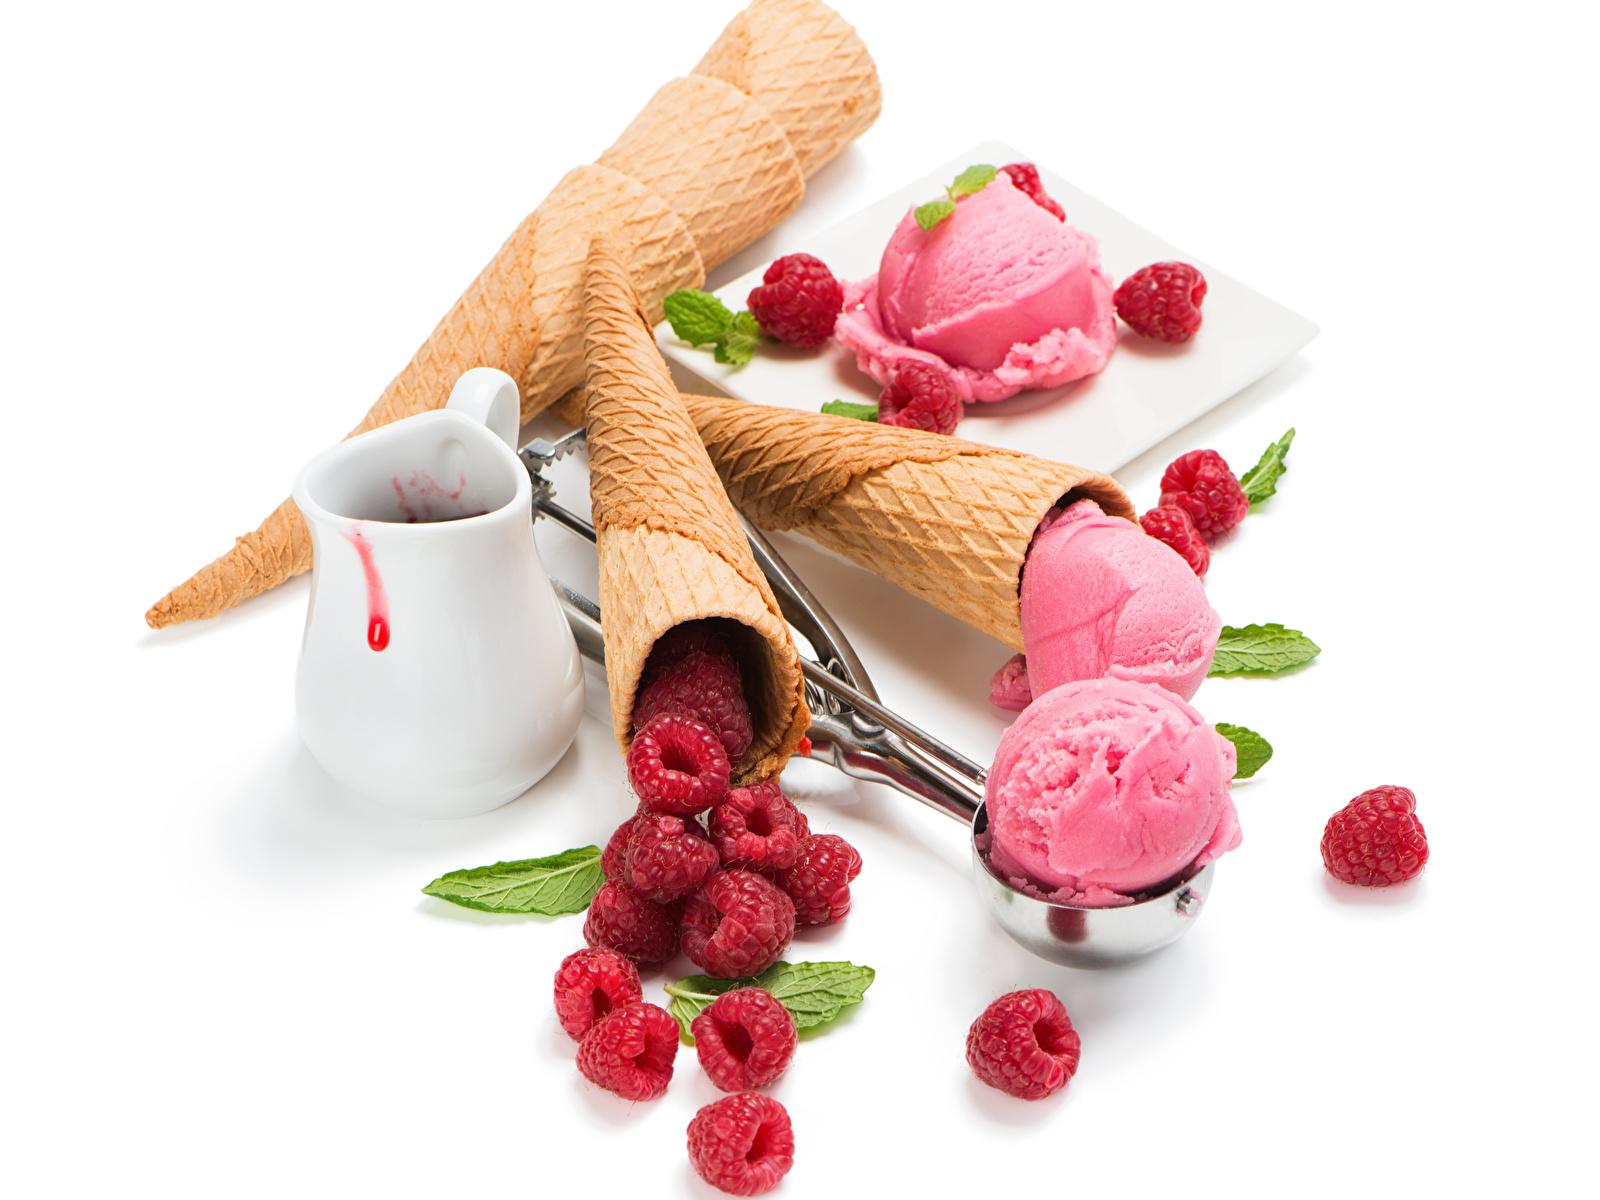 Обои Мороженое Малина кувшины Шарики Продукты питания Сладости Белый фон 1600x1200 Кувшин Шар Еда Пища